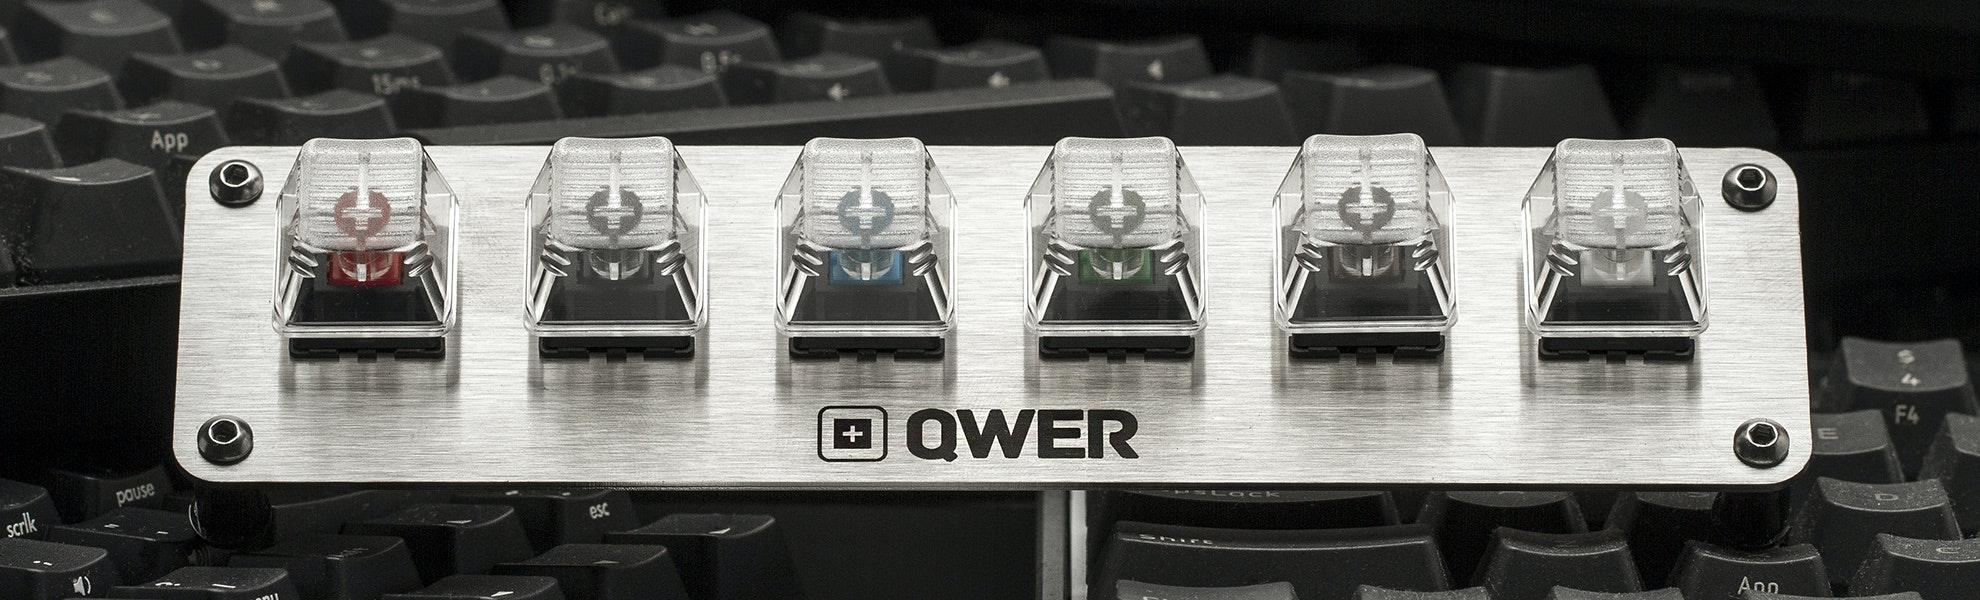 QWERkeys Cherry MX Switch Tester